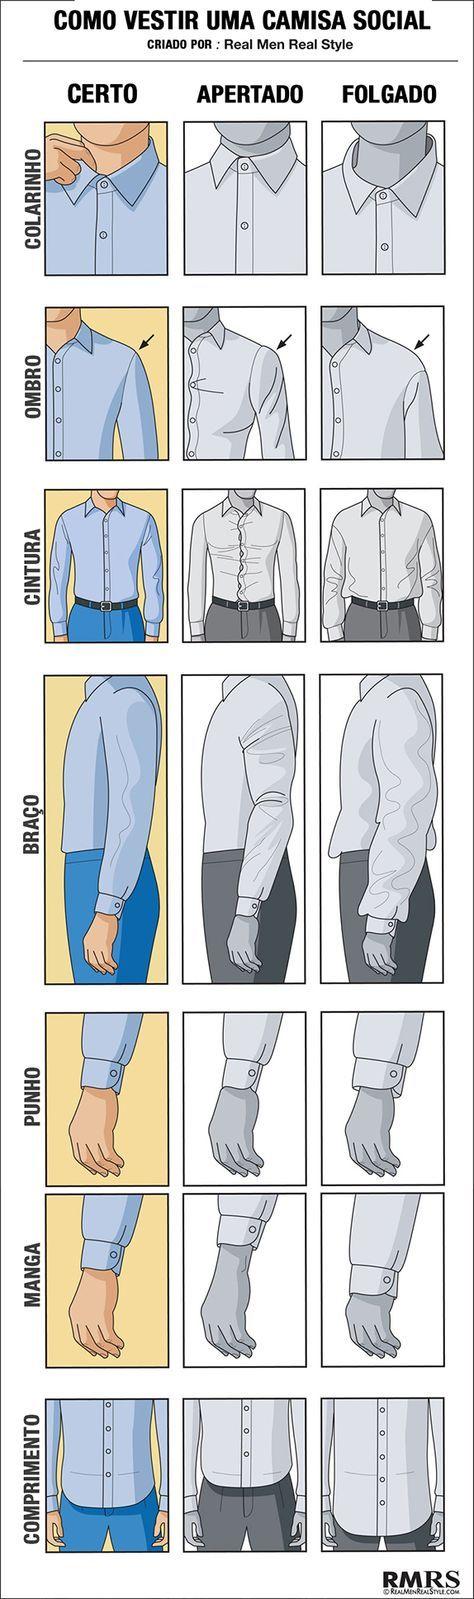 Como vestir uma camisa #estilo #modamasculina #camisa